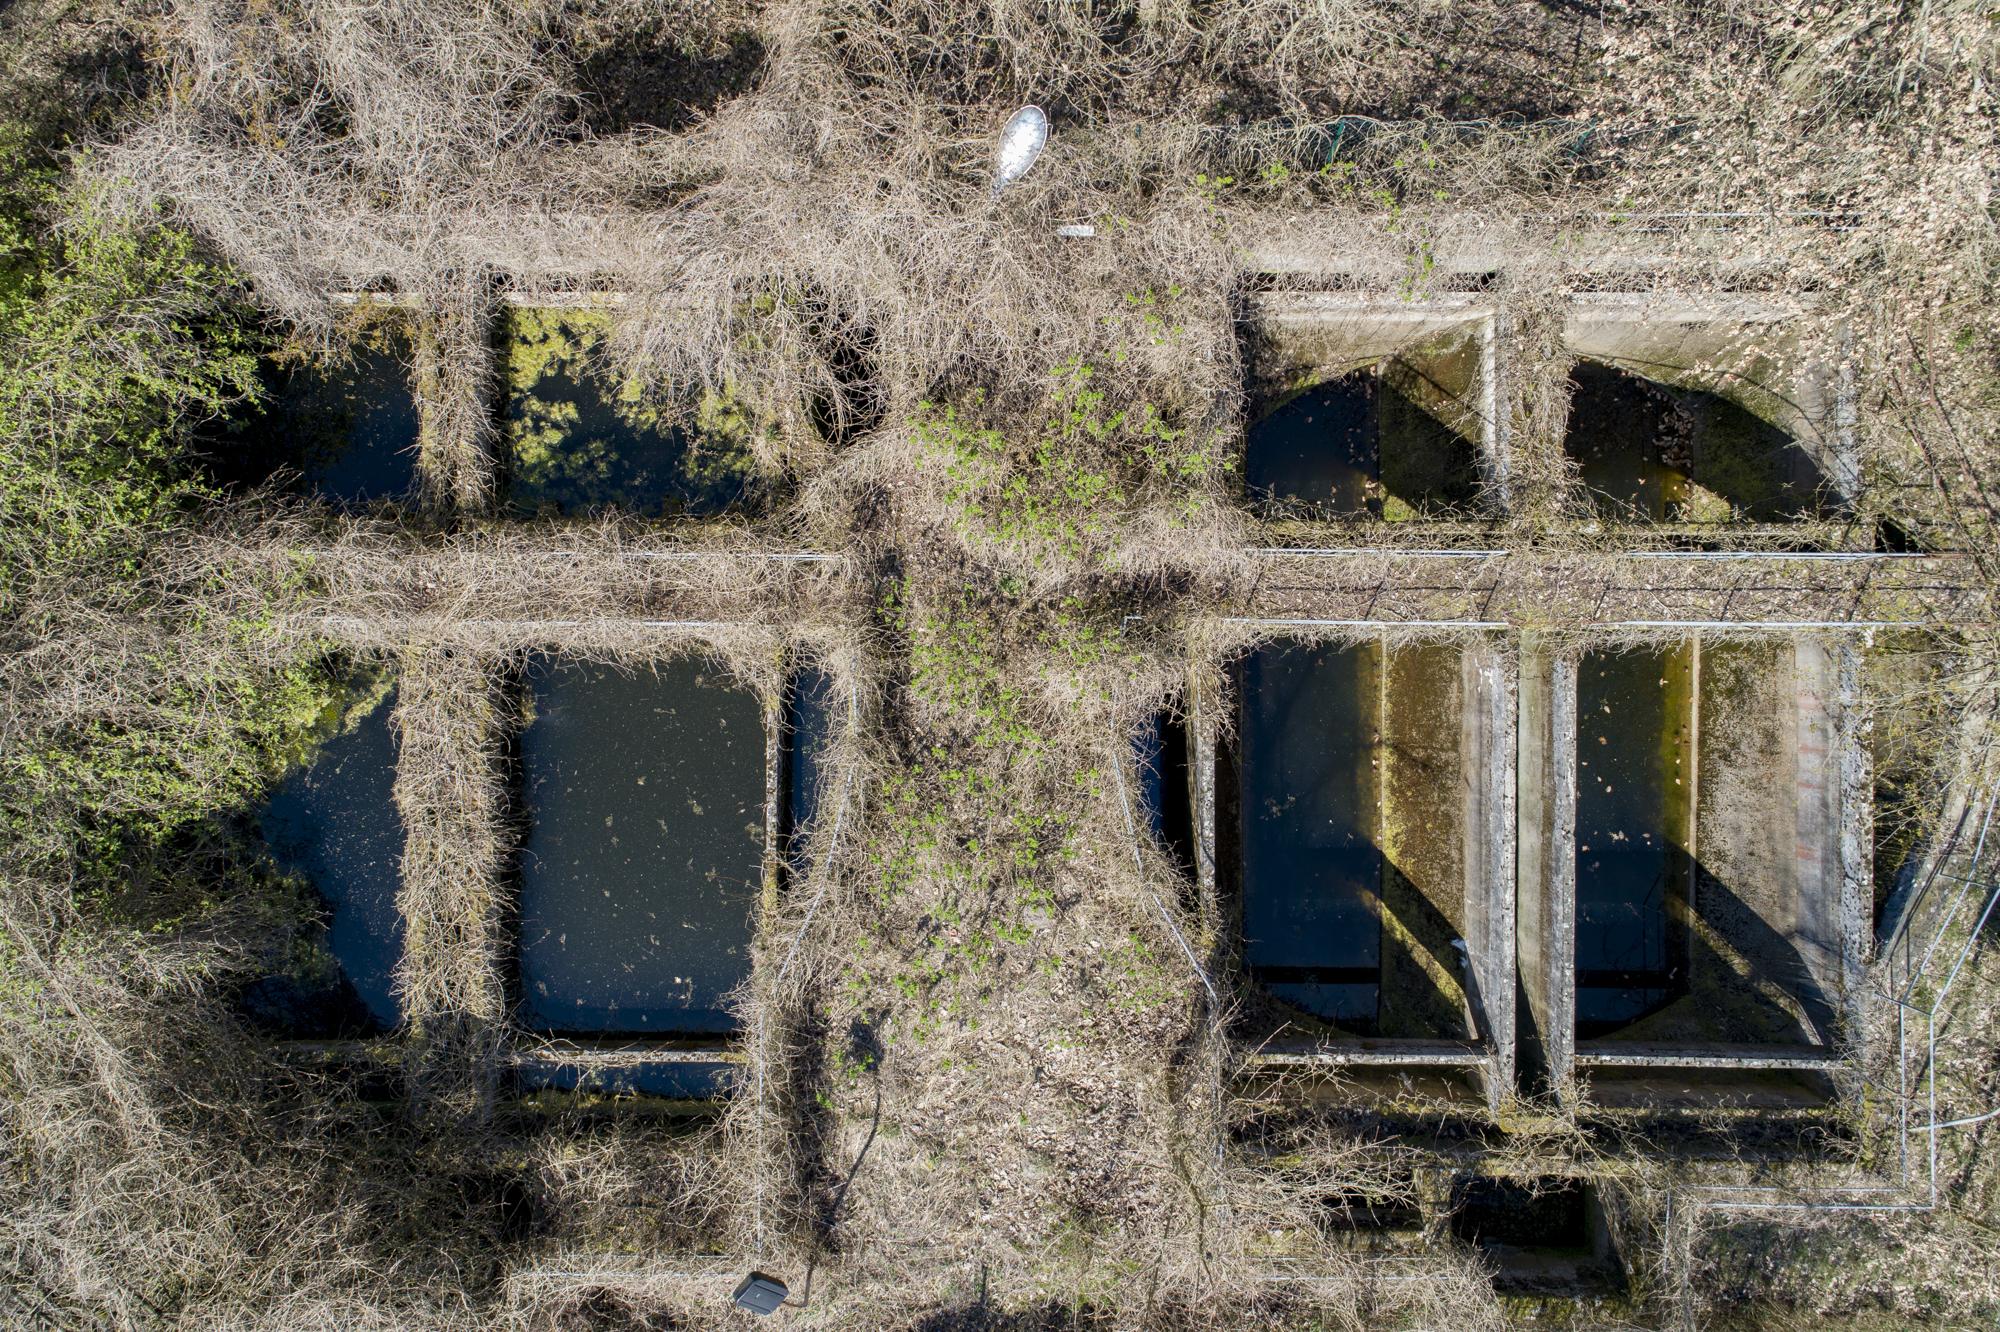 Die Absetzbecken vom Emscherbrunnen der ehemaligen Kläranlage. Foto: Christoph Löffler, Berlin